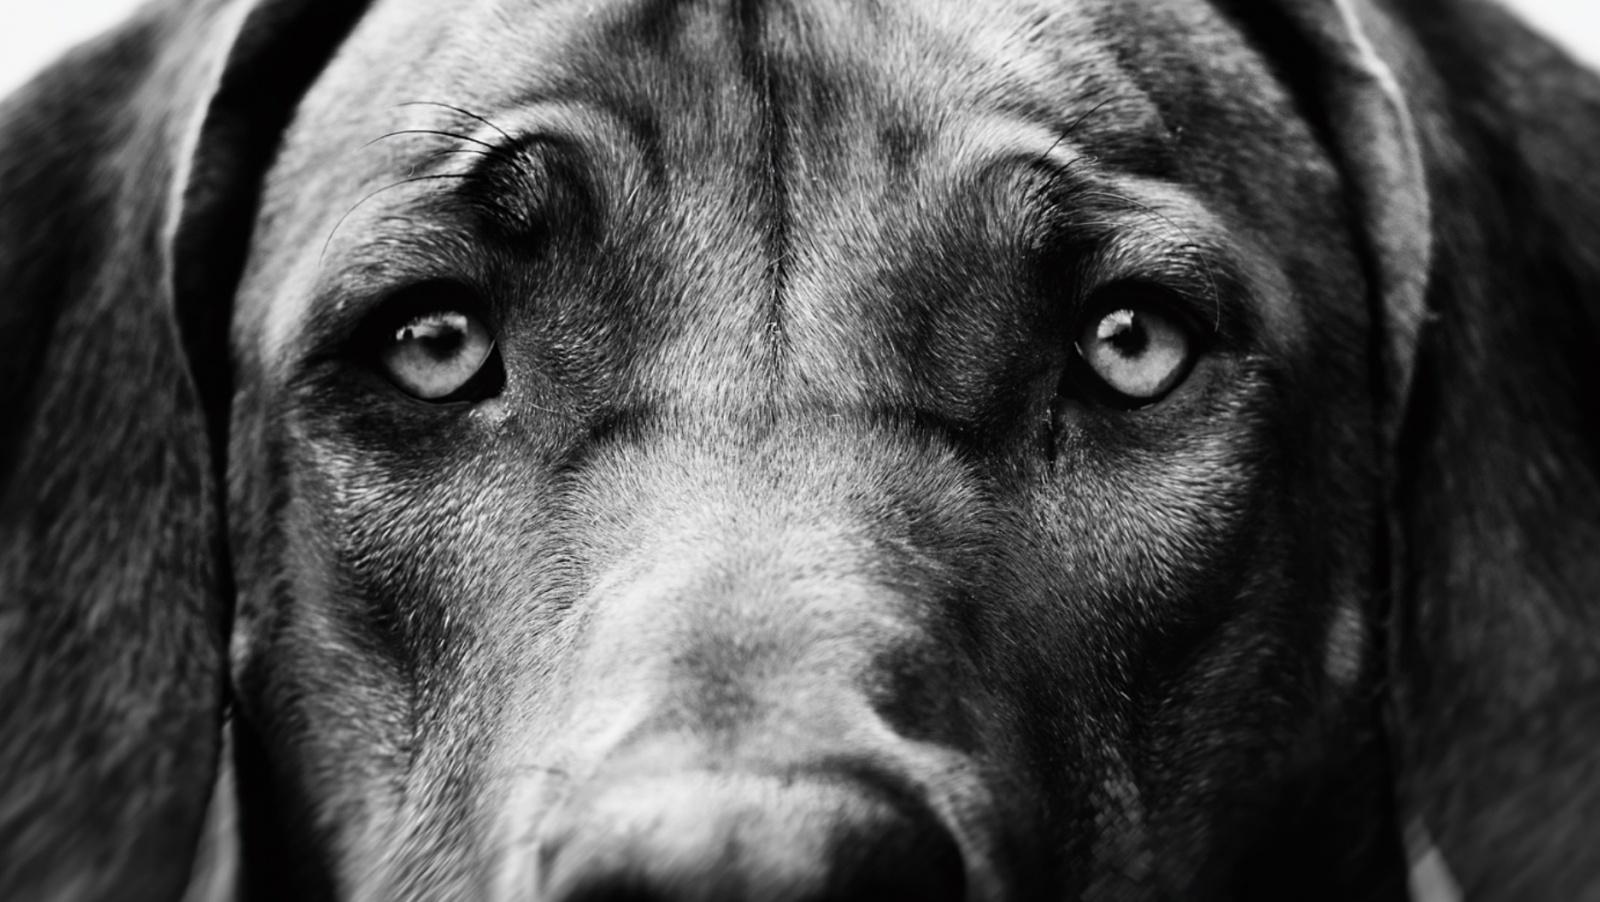 «Щенячьи глазки»: 30 000 лет коэволюции собаки и человека - 1